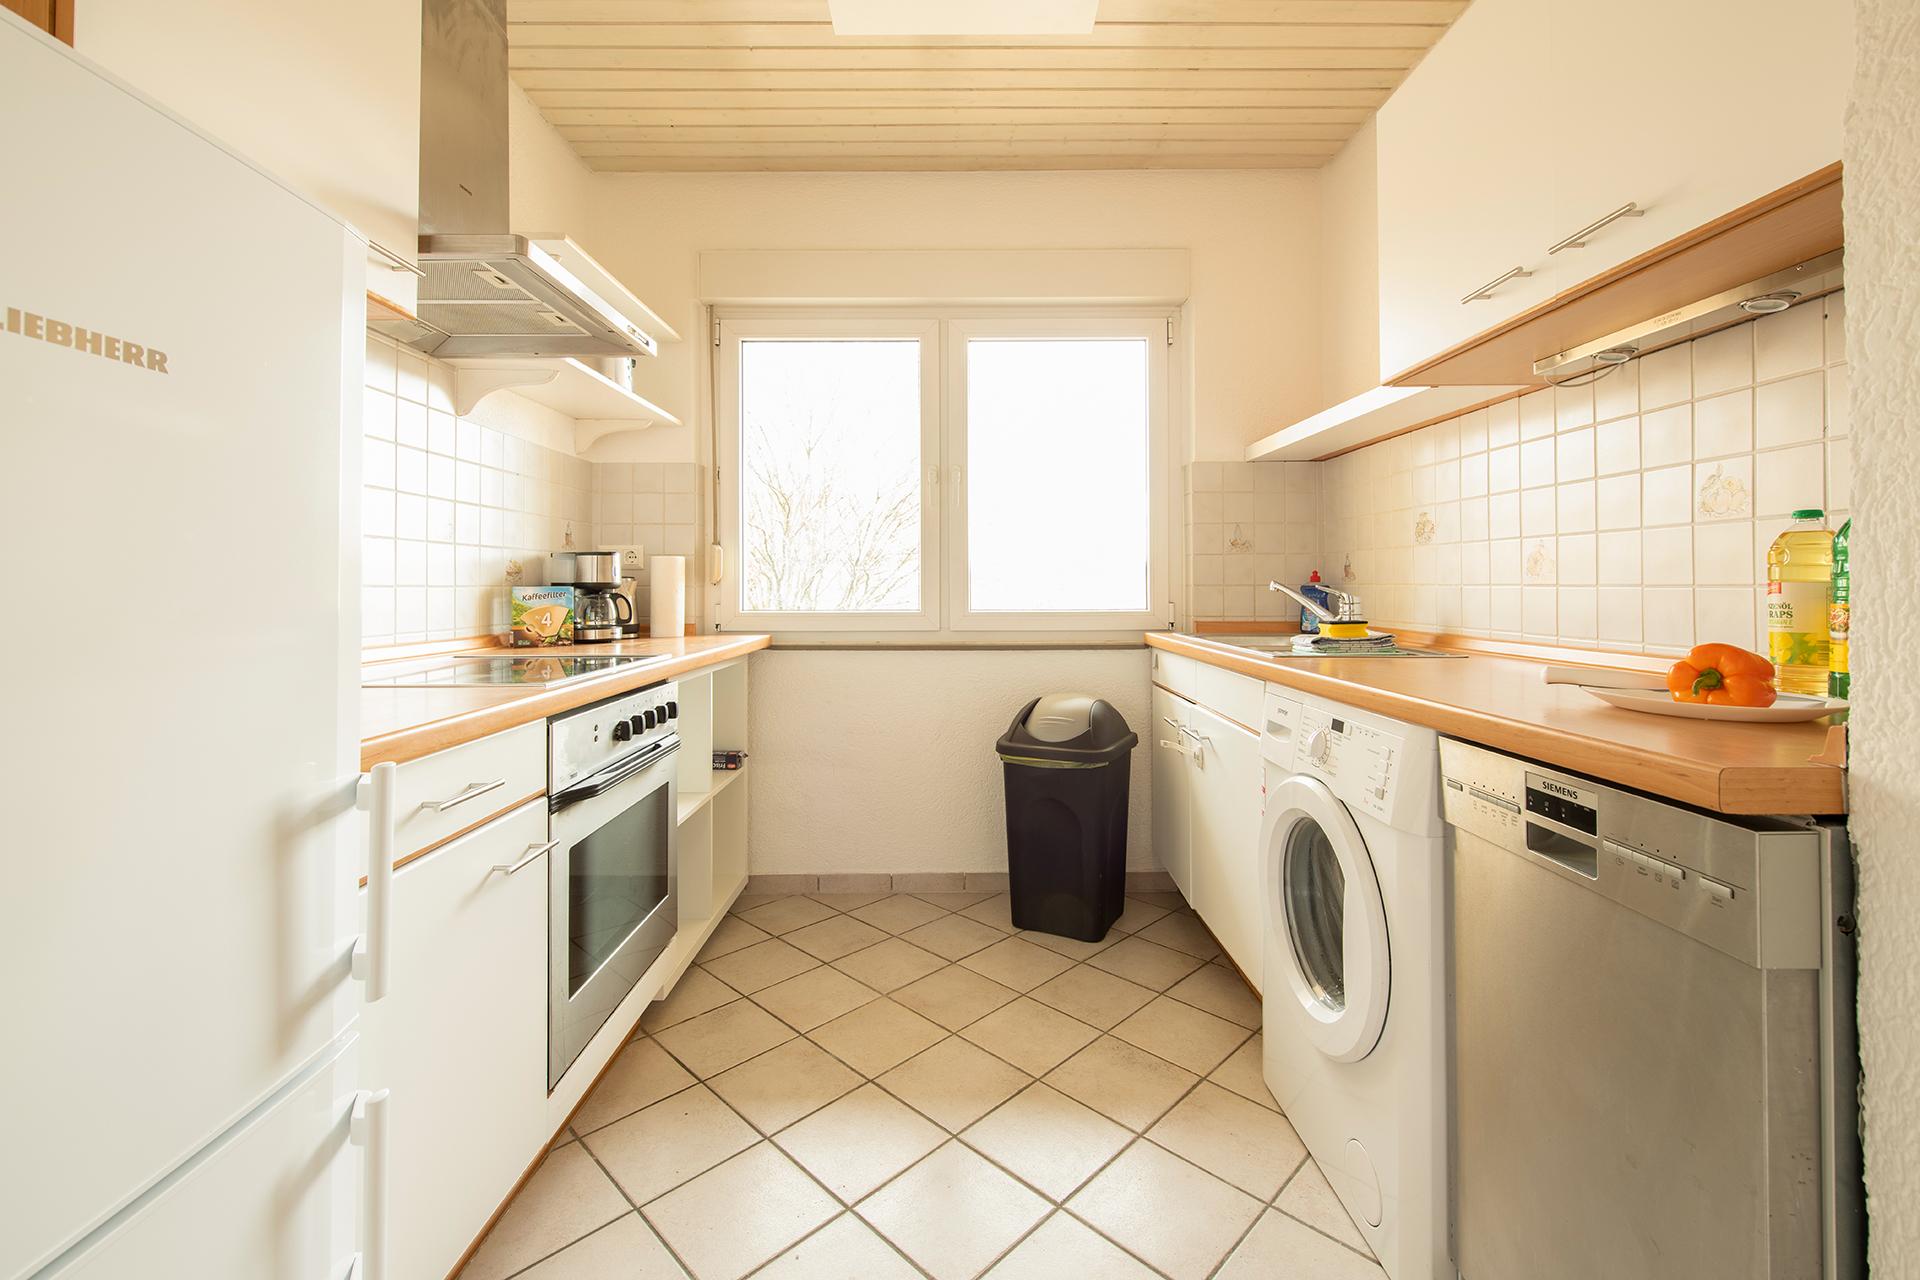 Ferienwohnung am Bodensee: Friedrichshafen - Küche